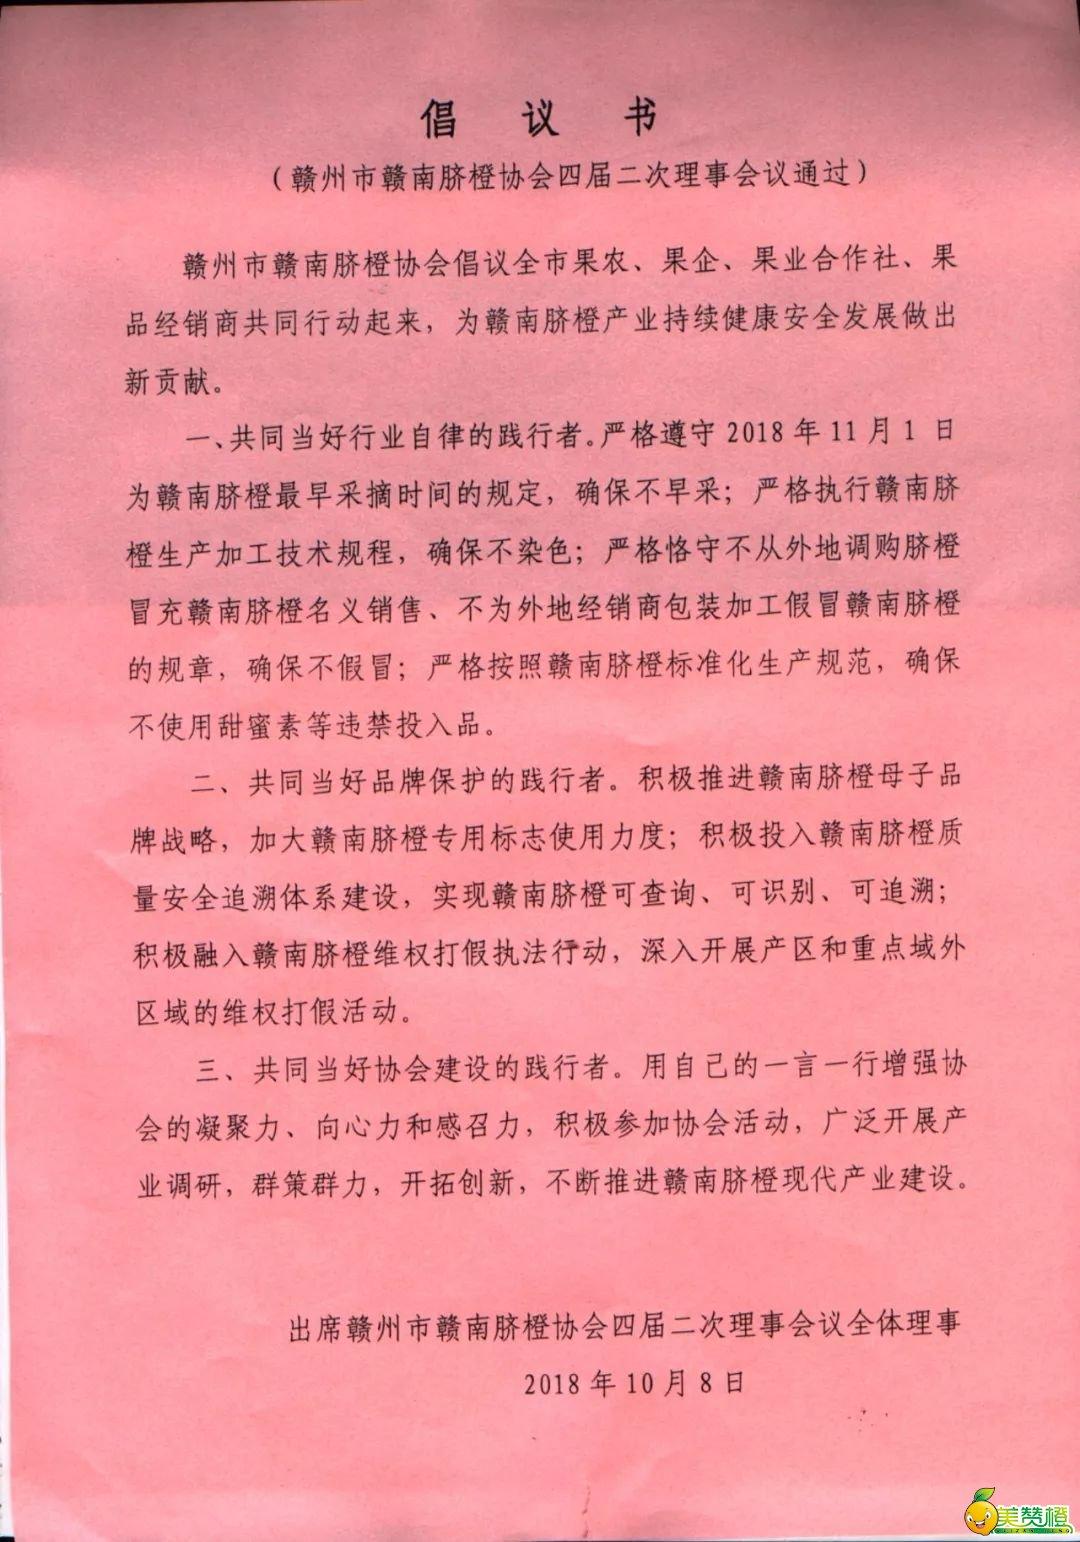 赣州市赣南脐橙协会四届二次理事会议通过的倡议书